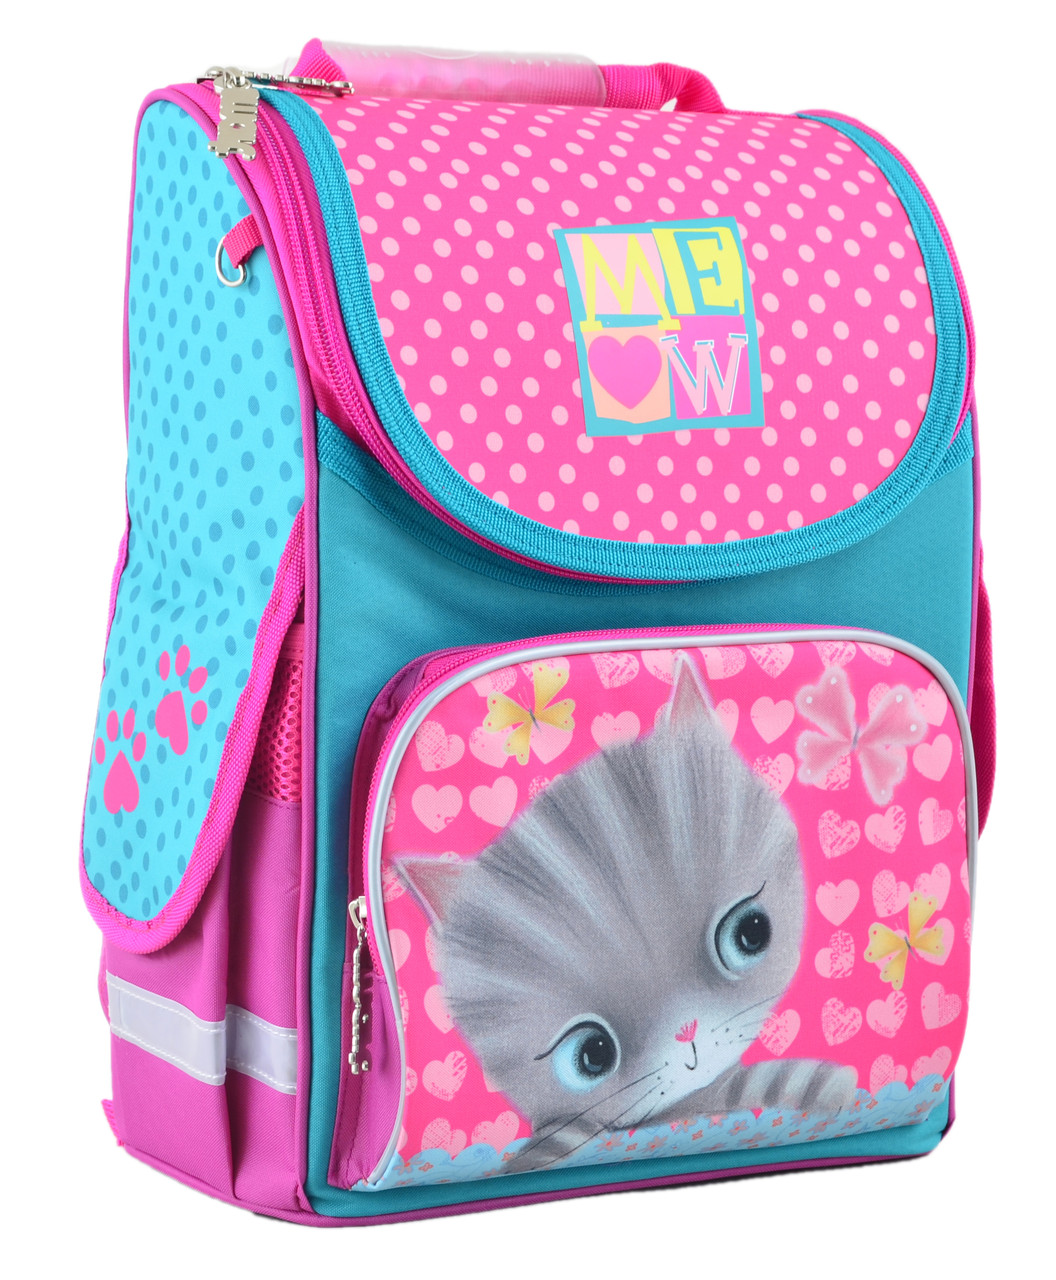 Рюкзак каркасный H-11 Cat, 33.5*26*13.5